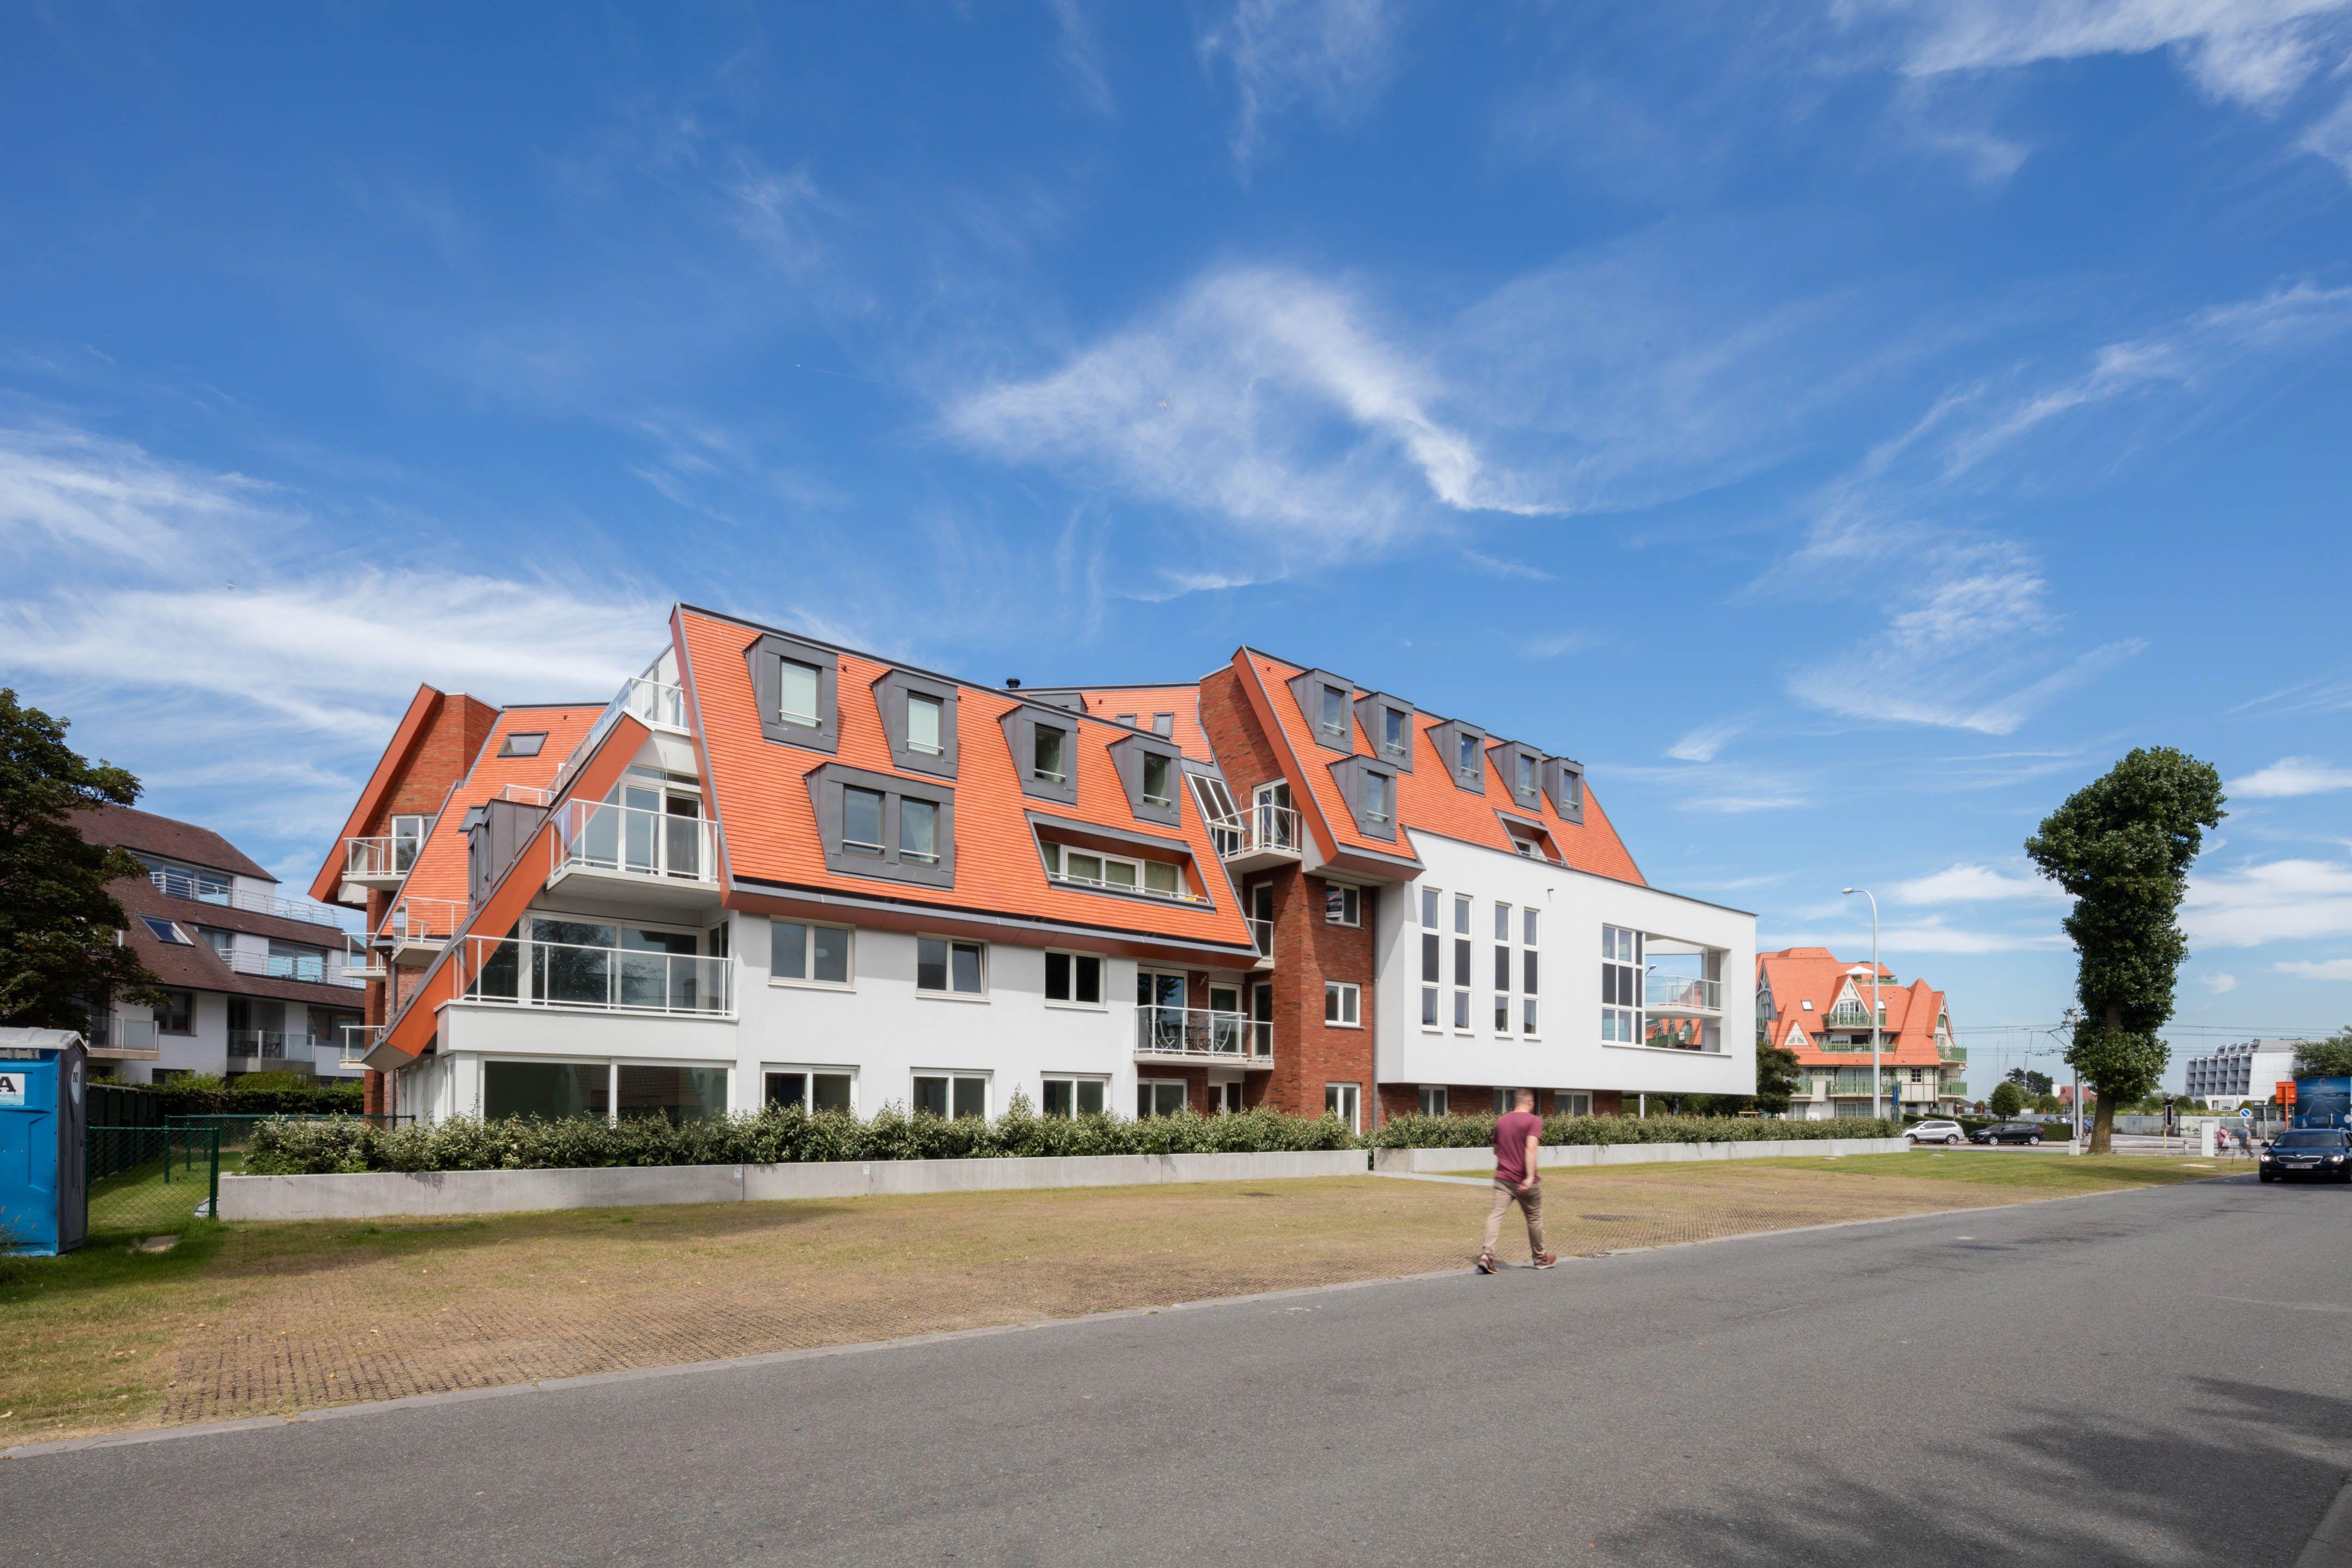 Appartement Residentie Villa Crombez Nieuwpoort - 12194